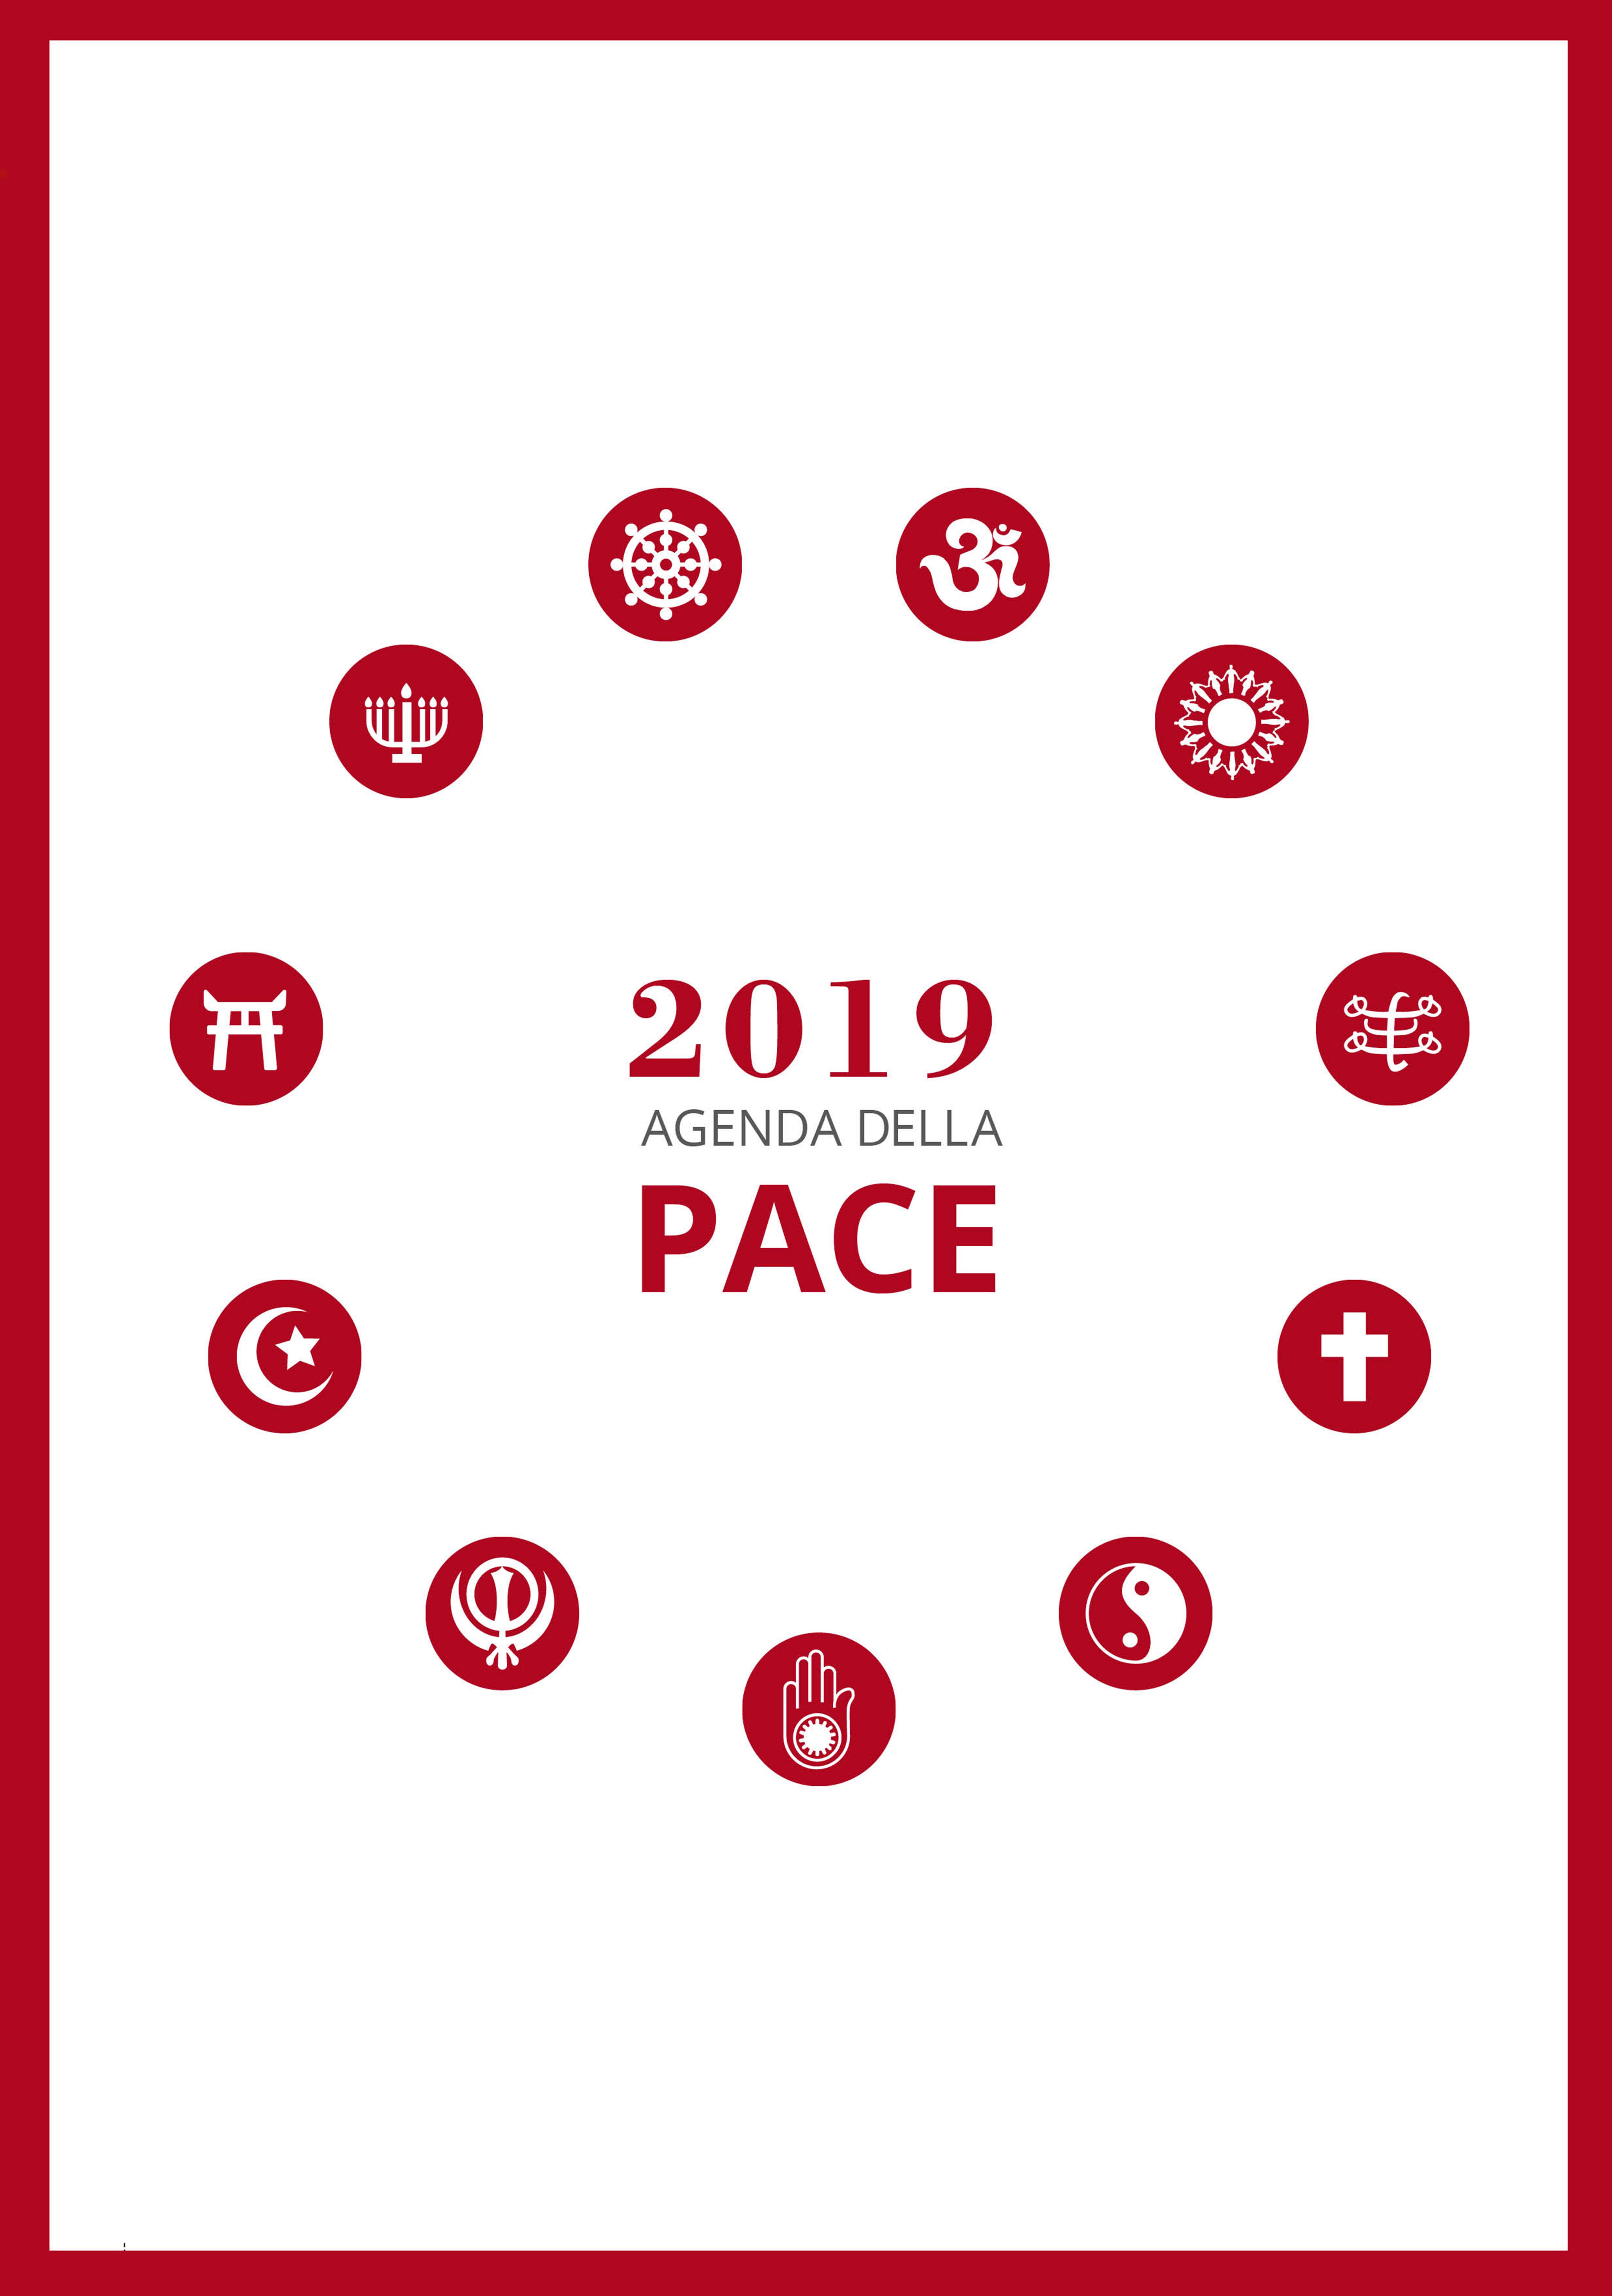 agenda della pace 2019